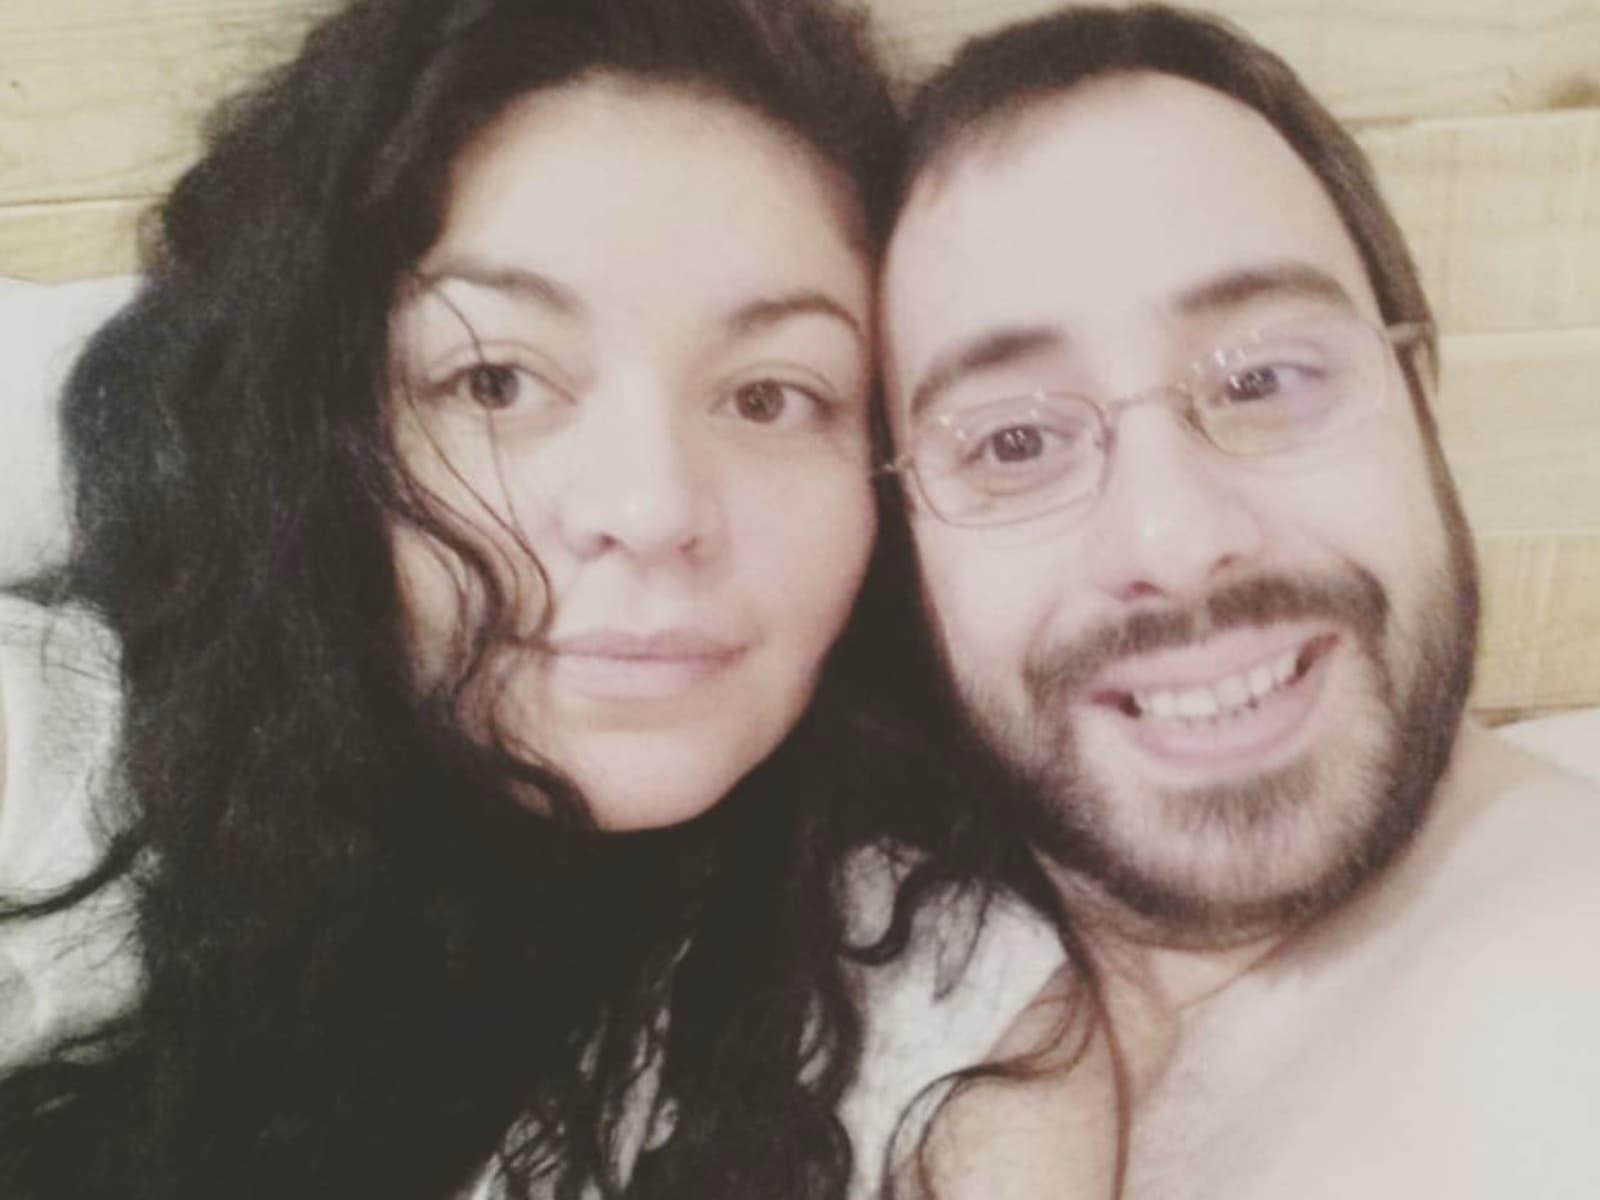 Monica y demetrio & Demetrio julian from Madrid, Spain